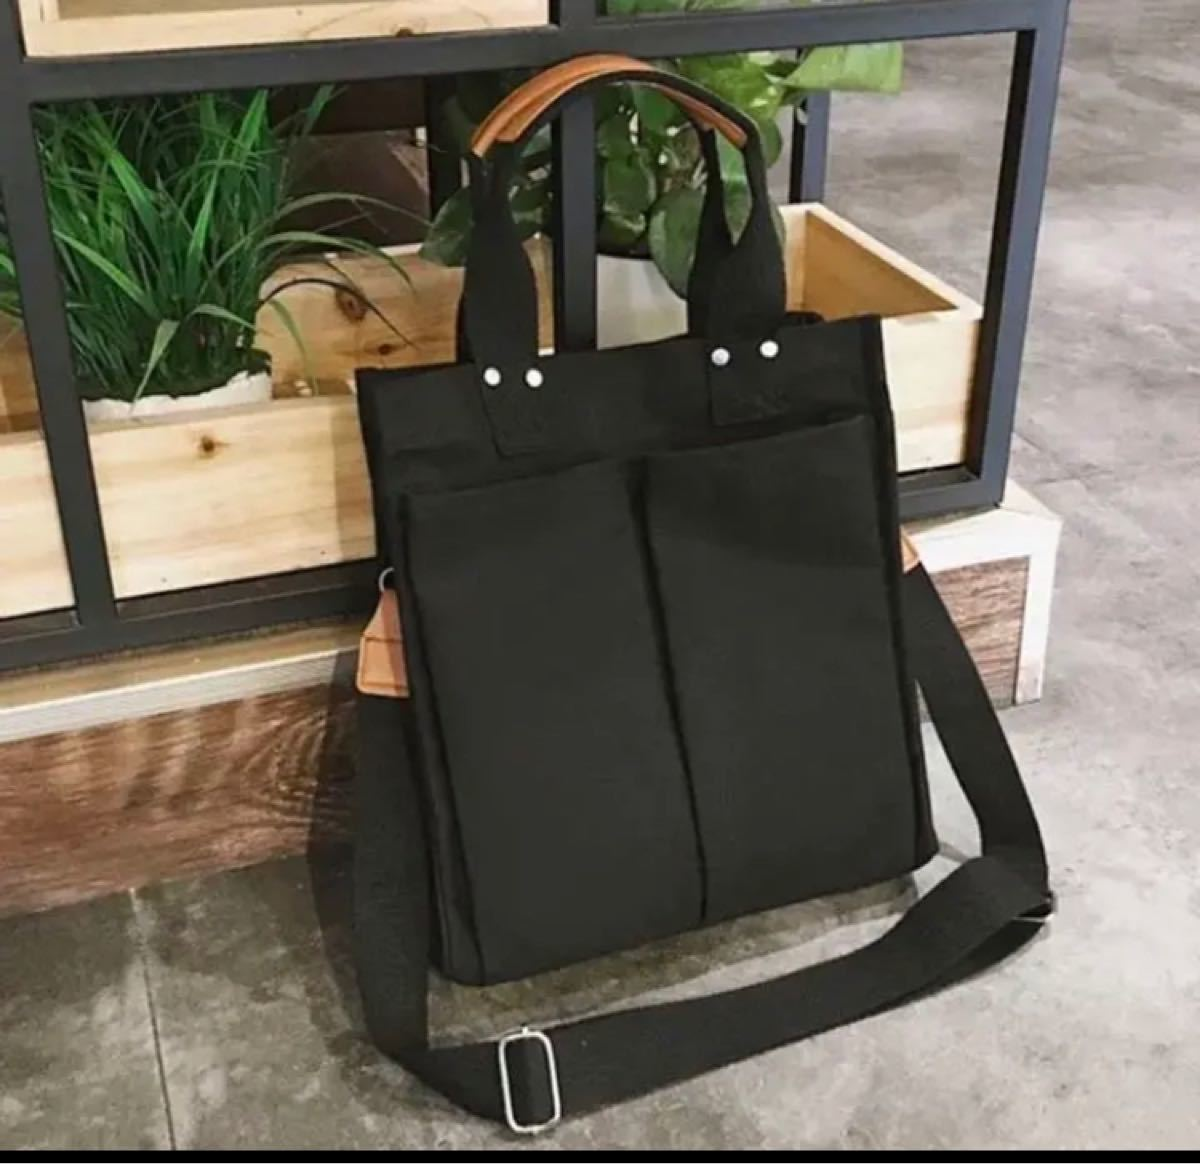 トートバッグ 韓国 黒 キャンバス レディースバッグ ボディーバッグ マザーズバッグ アウトドア リュック